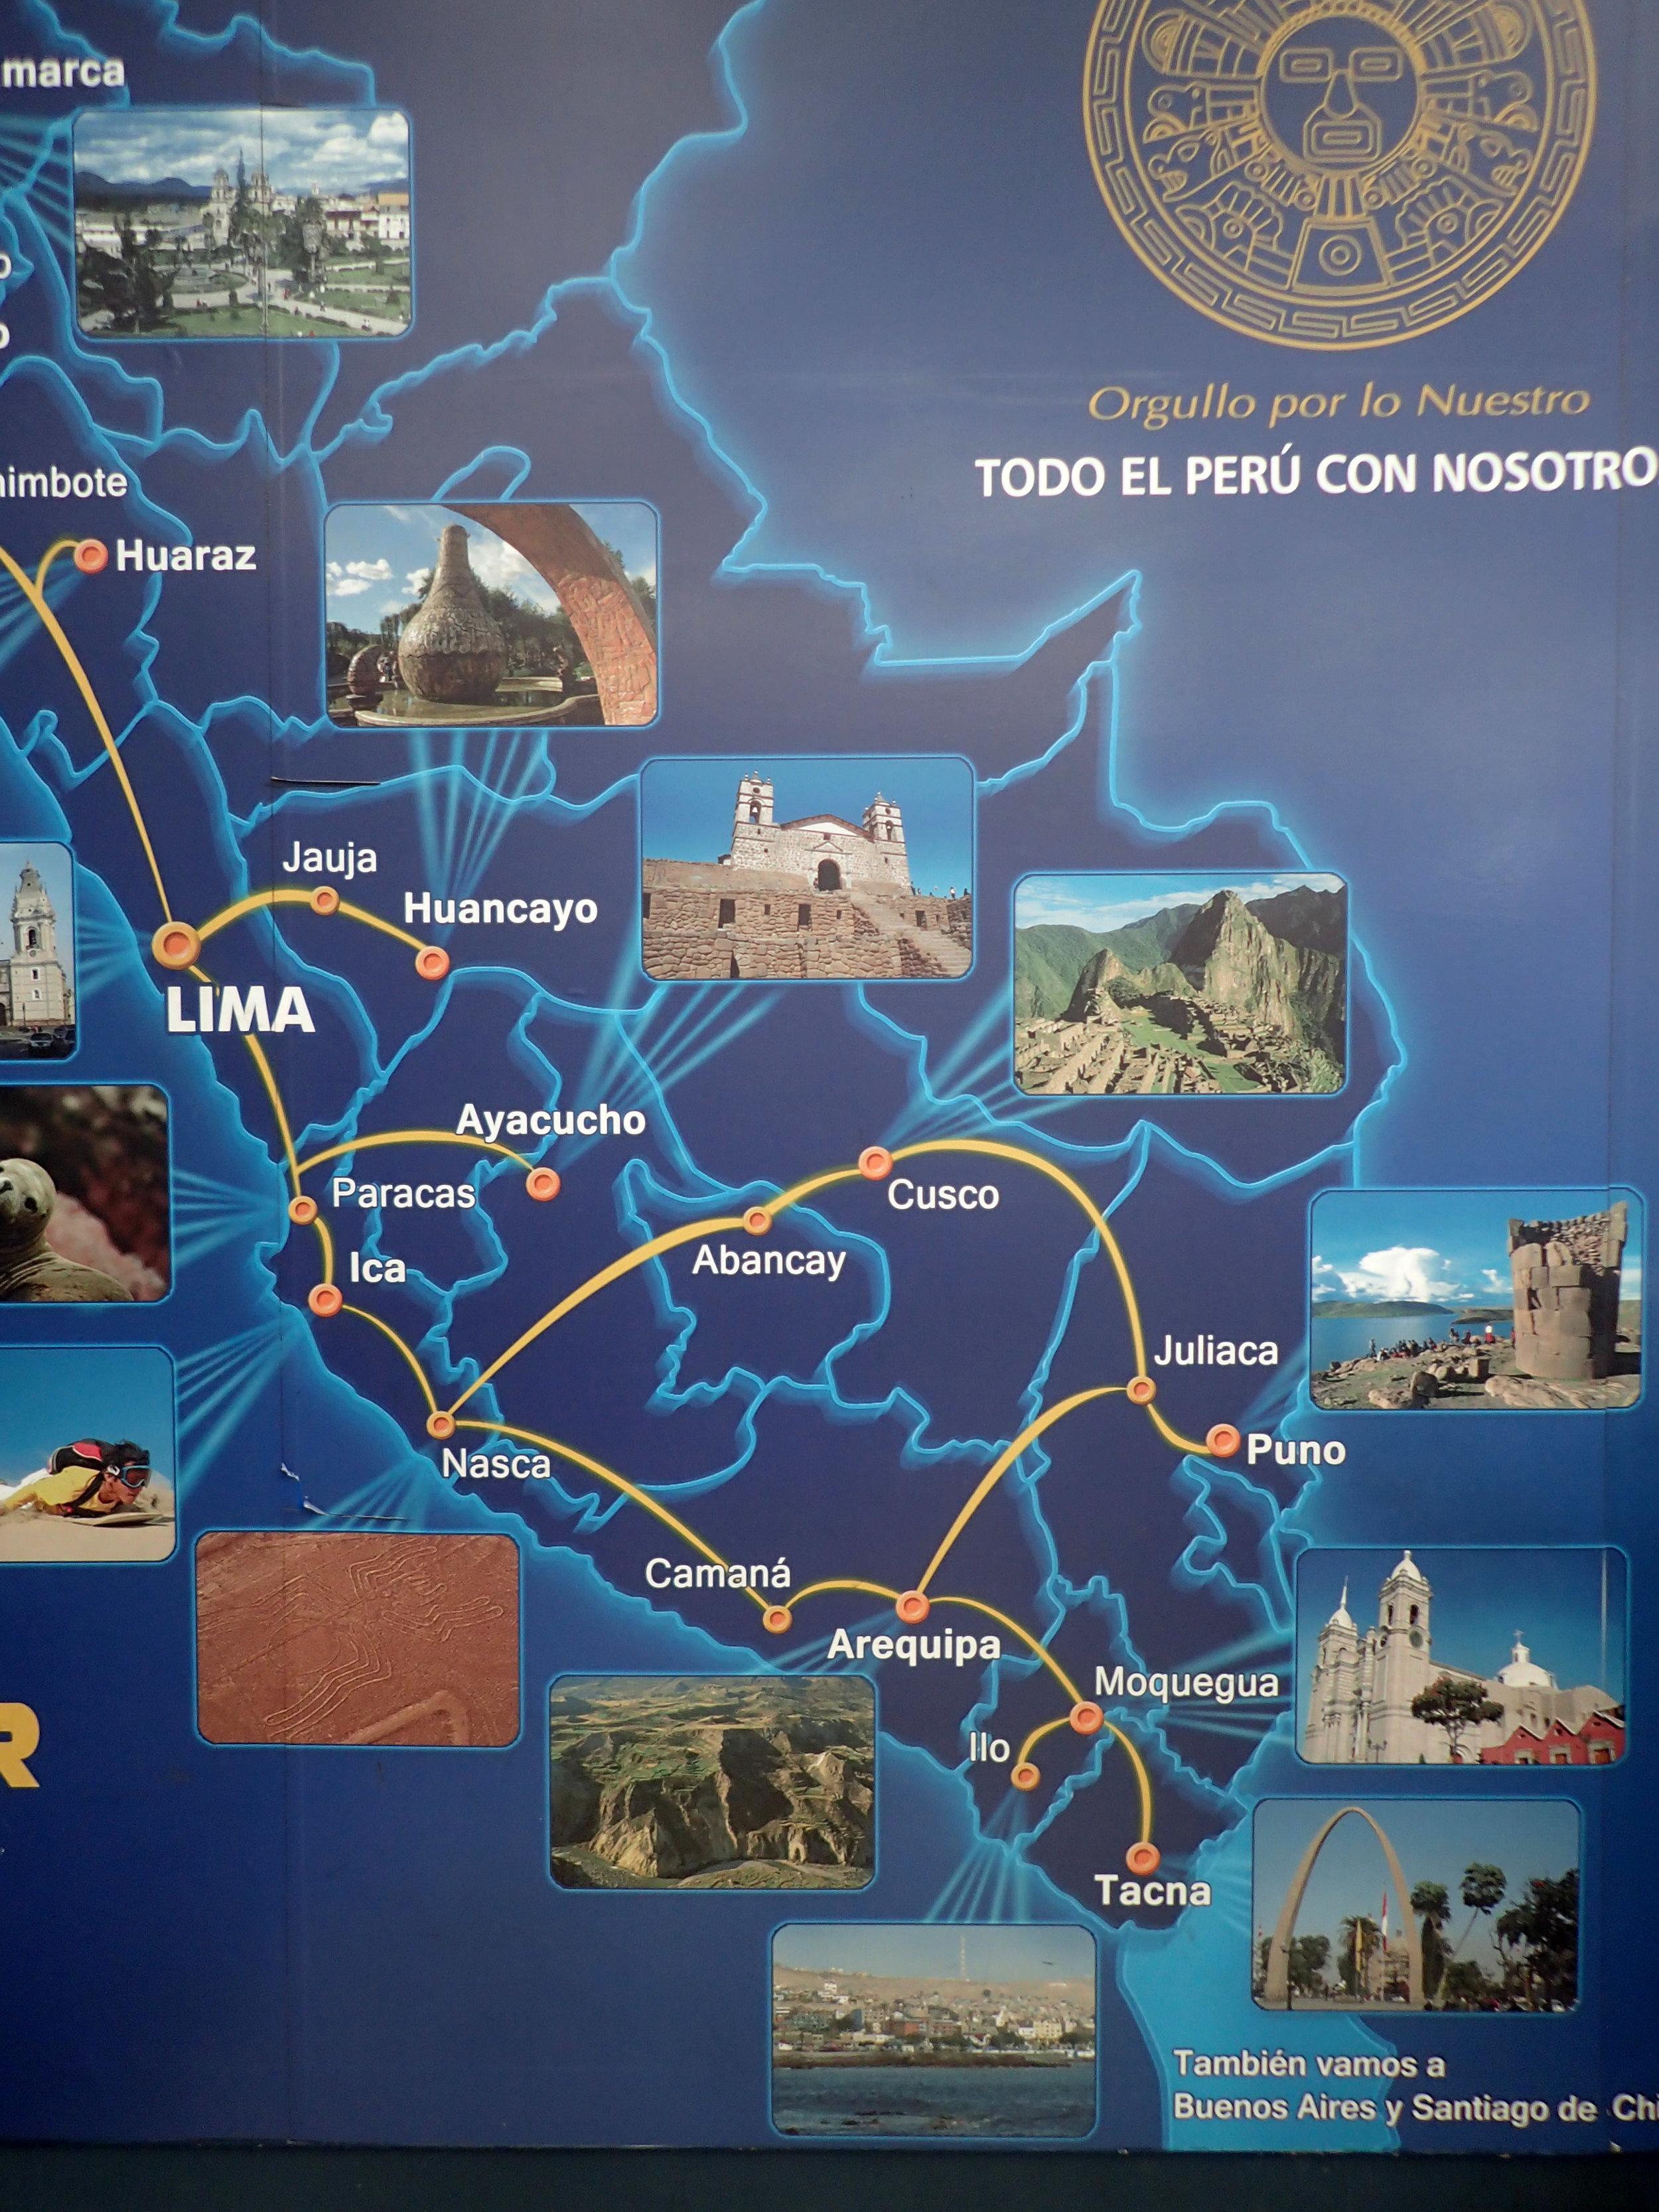 Cruz del Sur route map.jpg